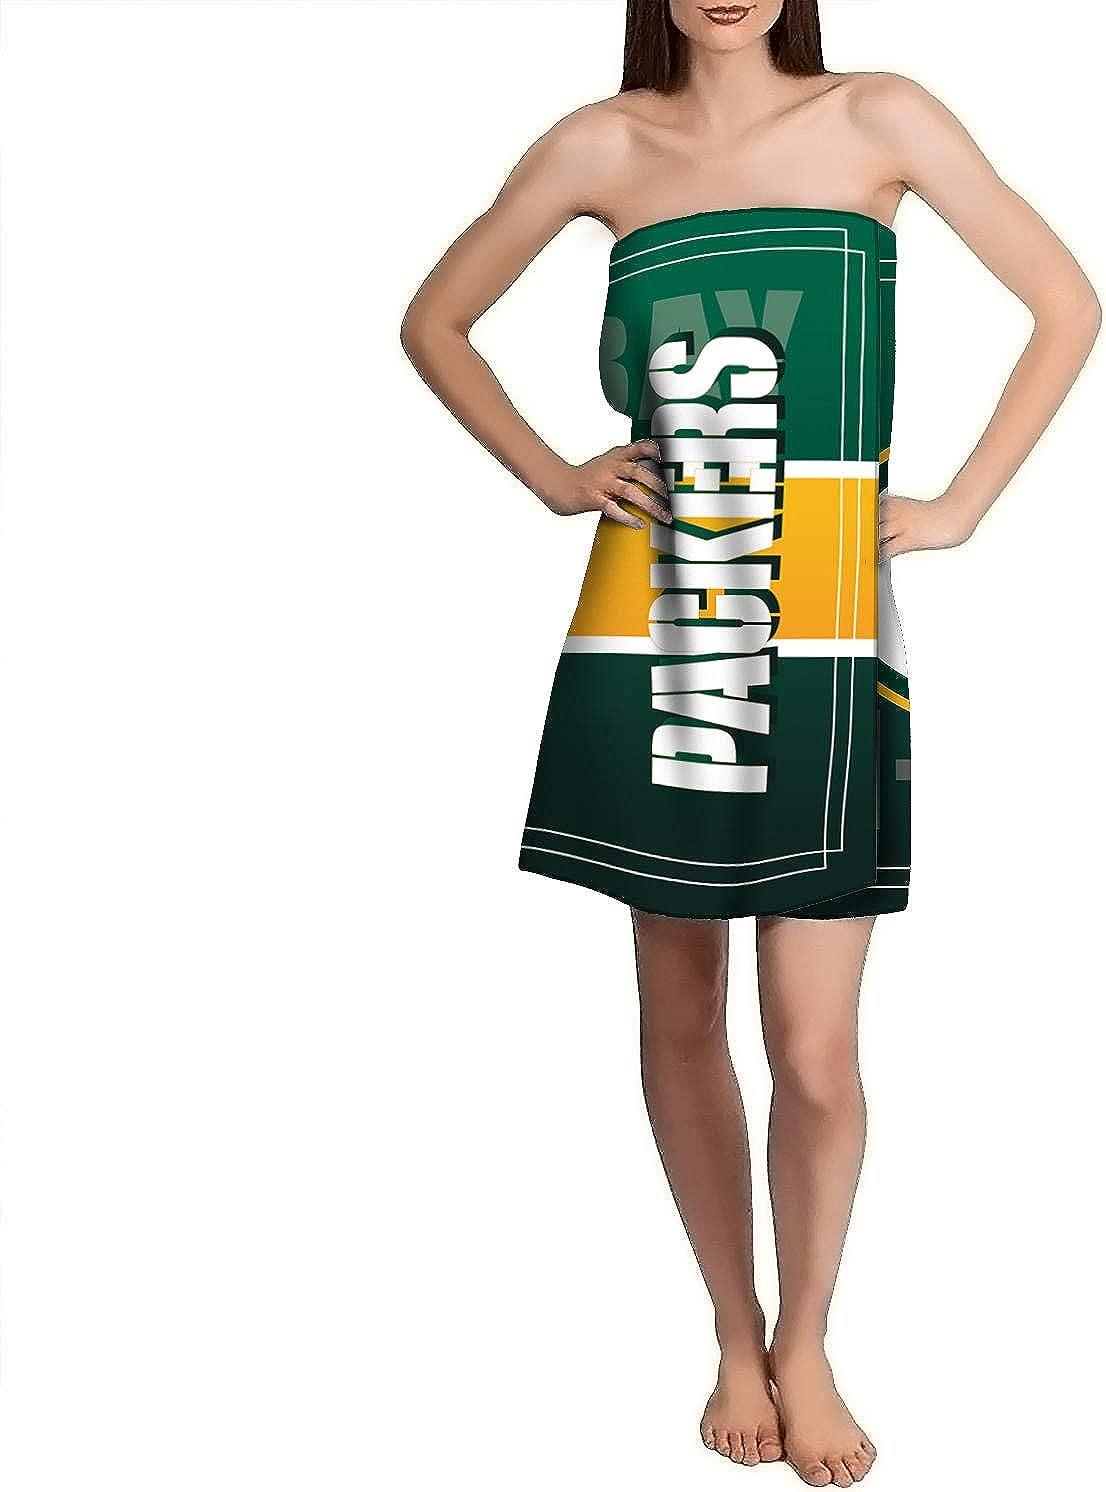 Hele Top Sports Towel Bath Towel Yoga Towel Fiber Beach Towel with Team Logo Soft Sweat-Absorbent Towel